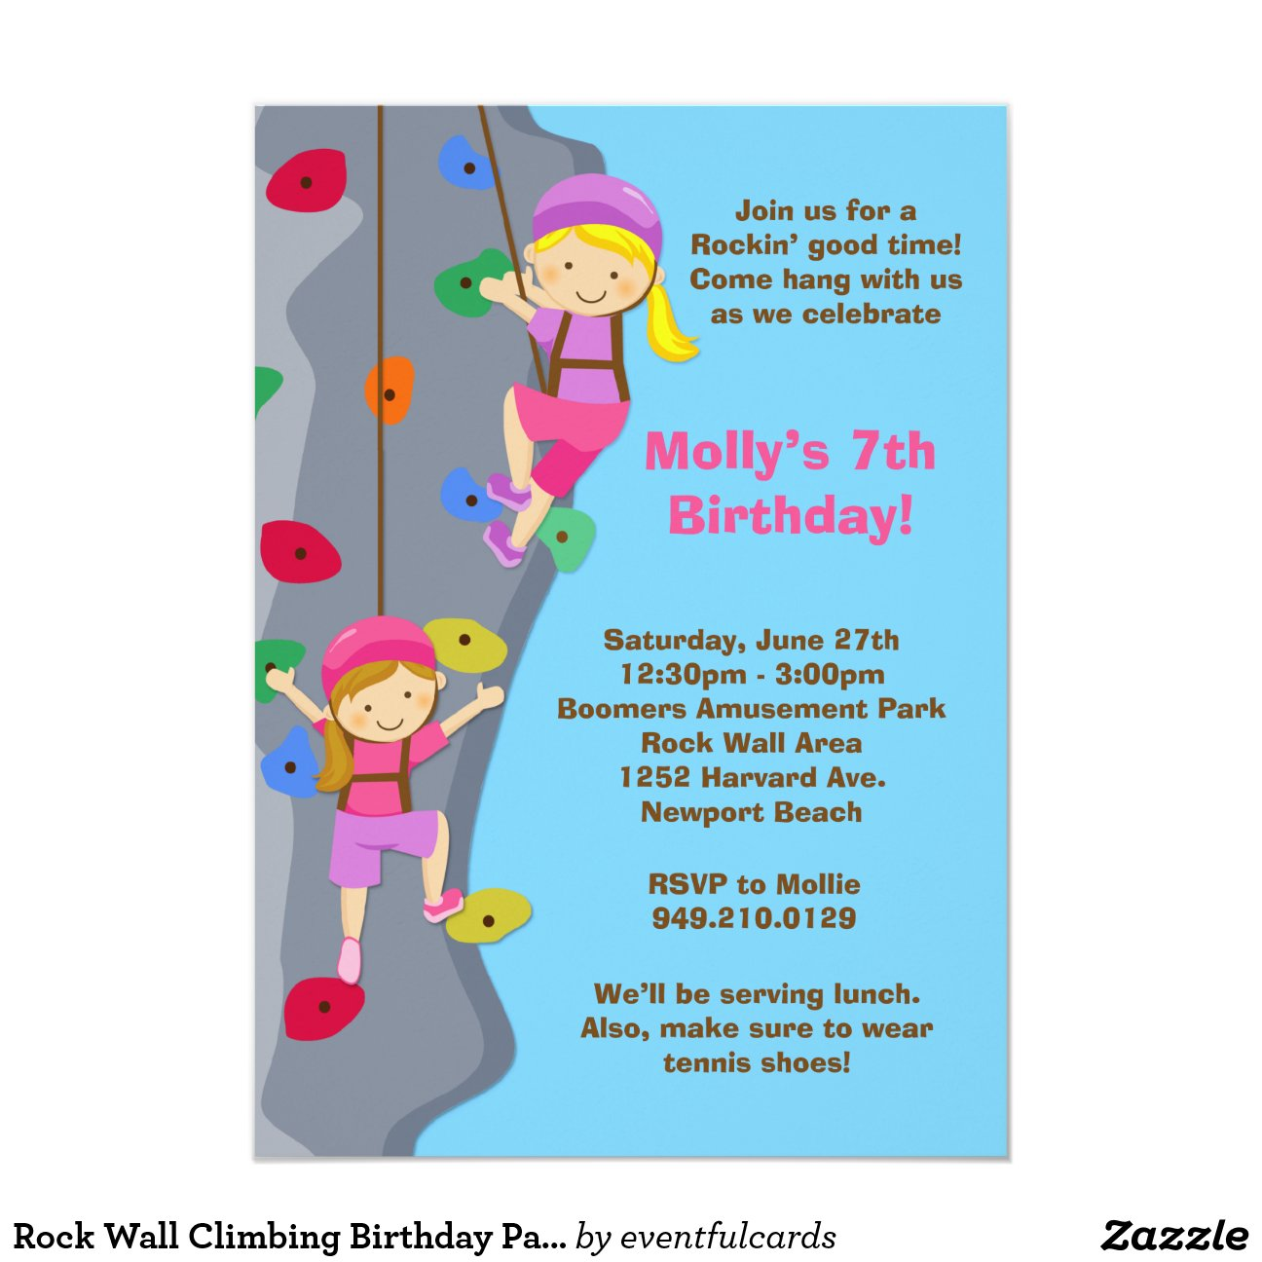 rock_wall_climbing_birthday_party_invitation ...